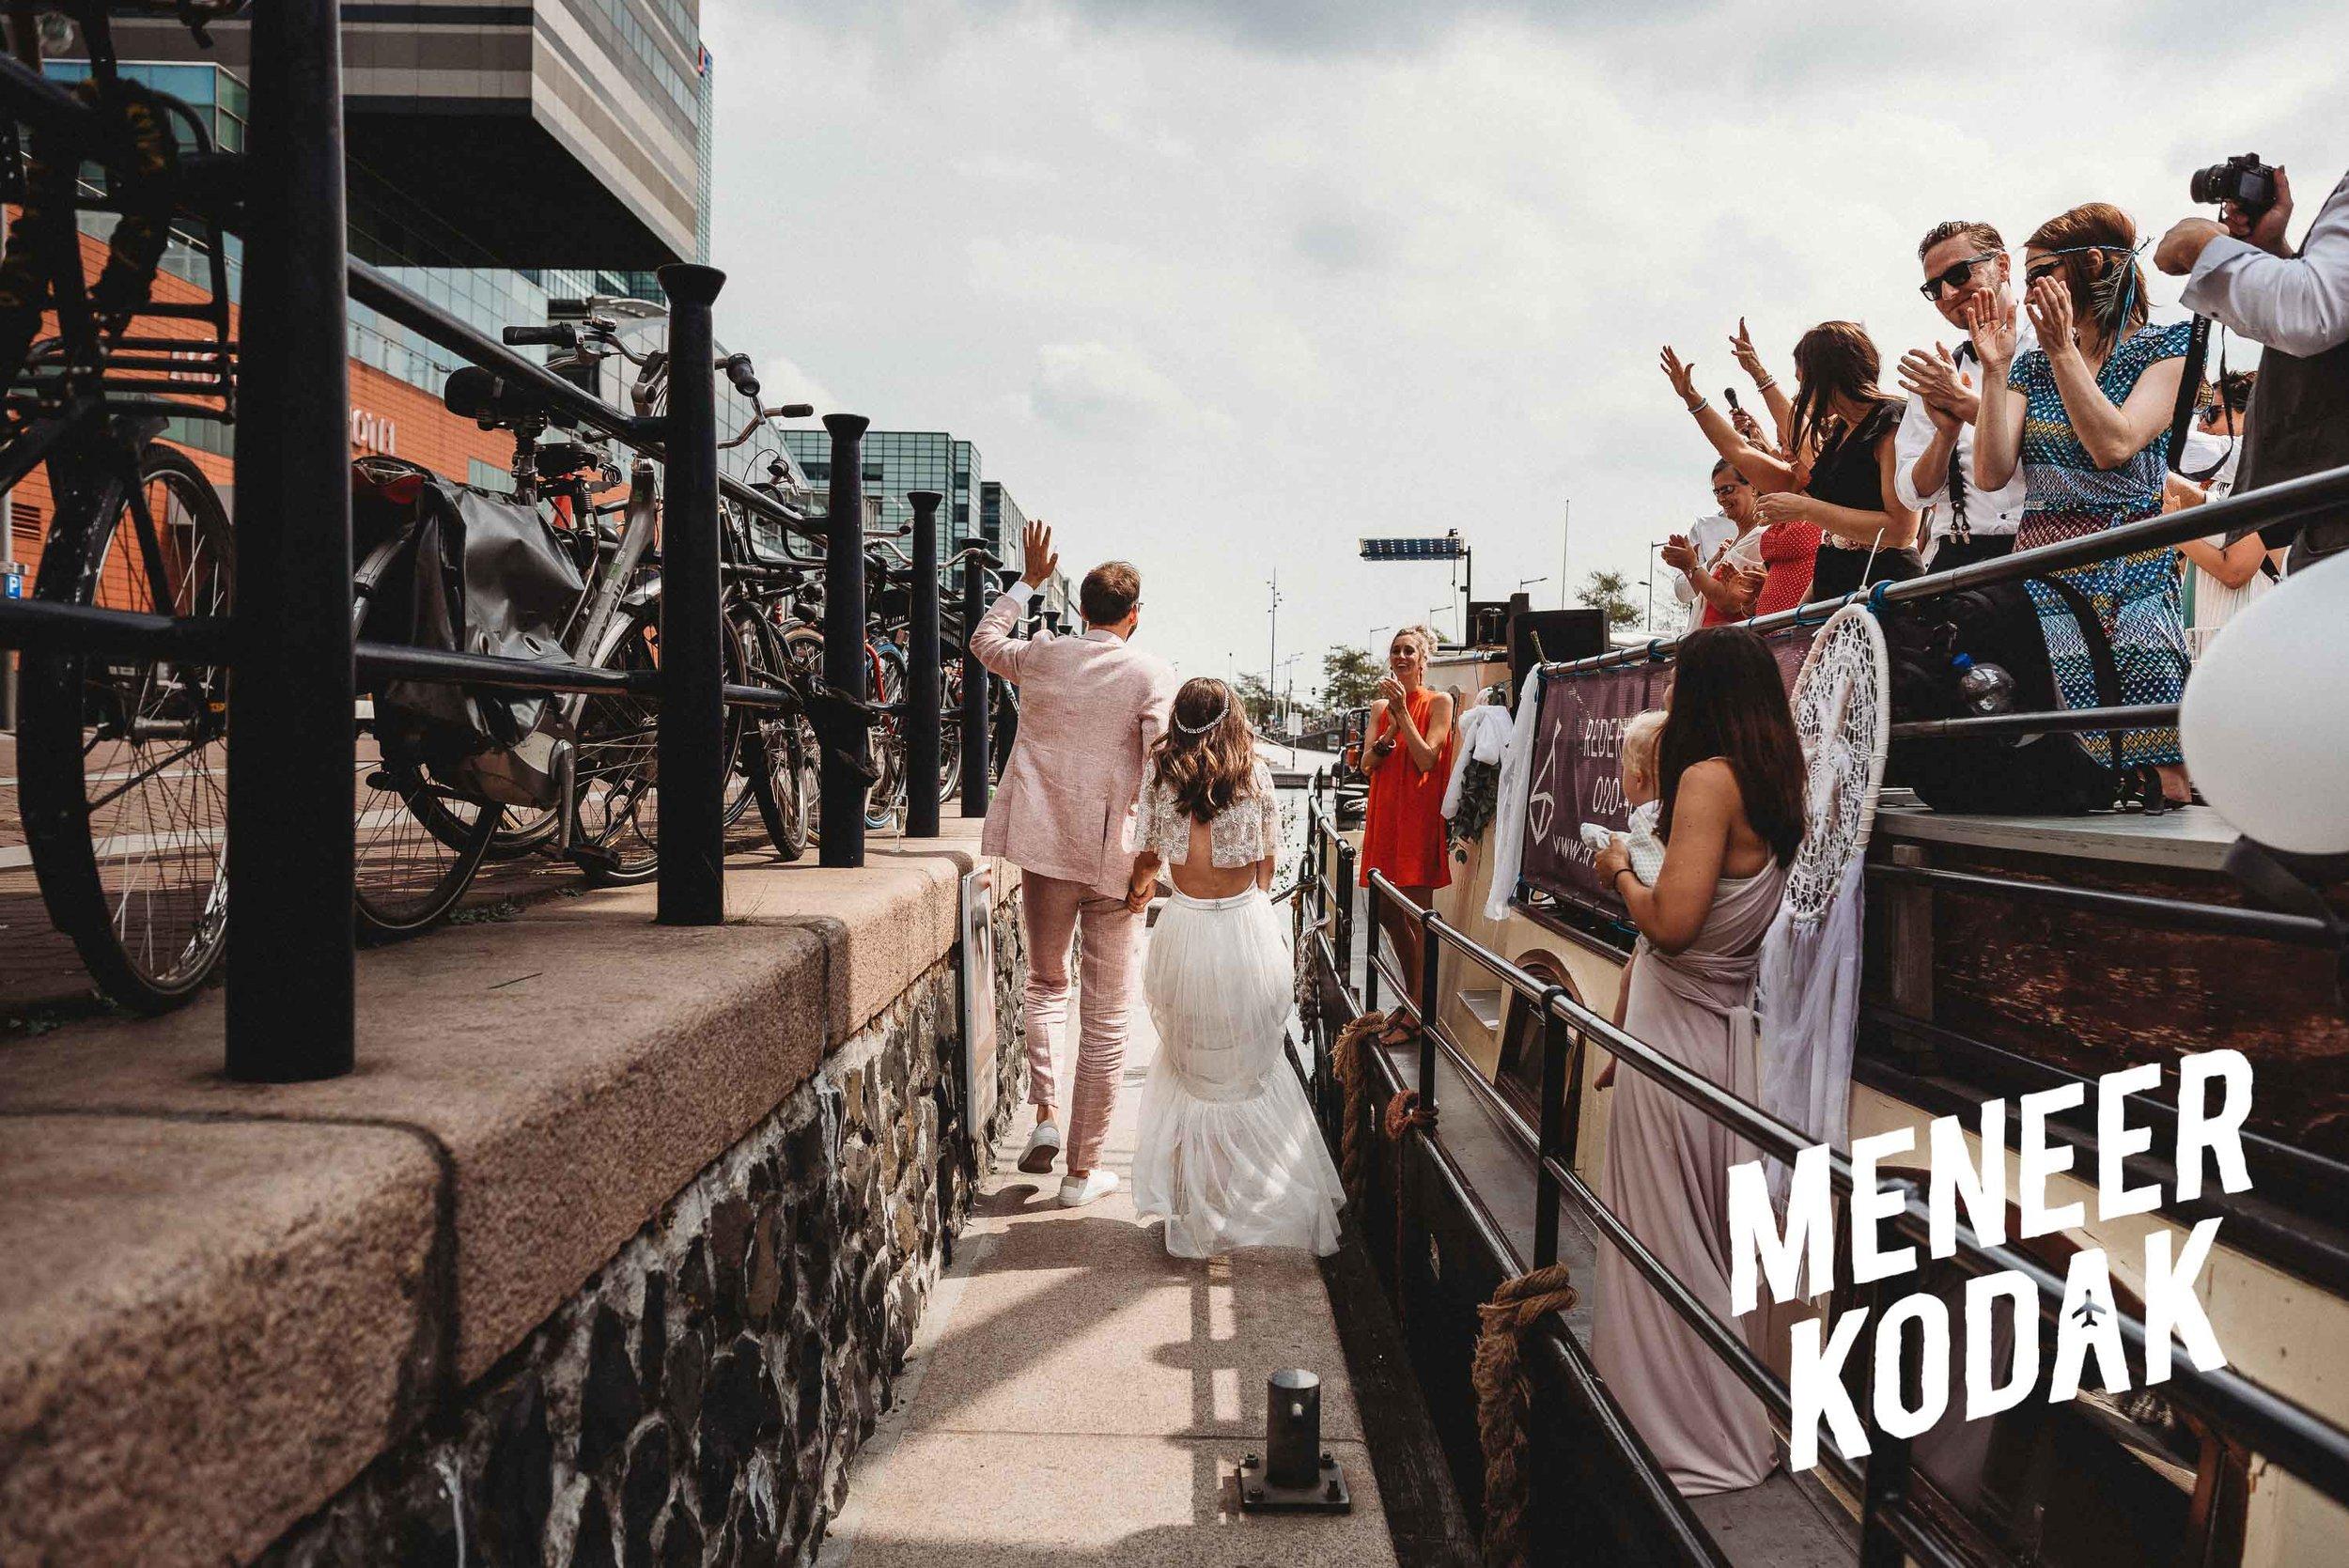 Meneer Kodak - Trouwfotograaf - Amsterdam - H&T-064.jpg